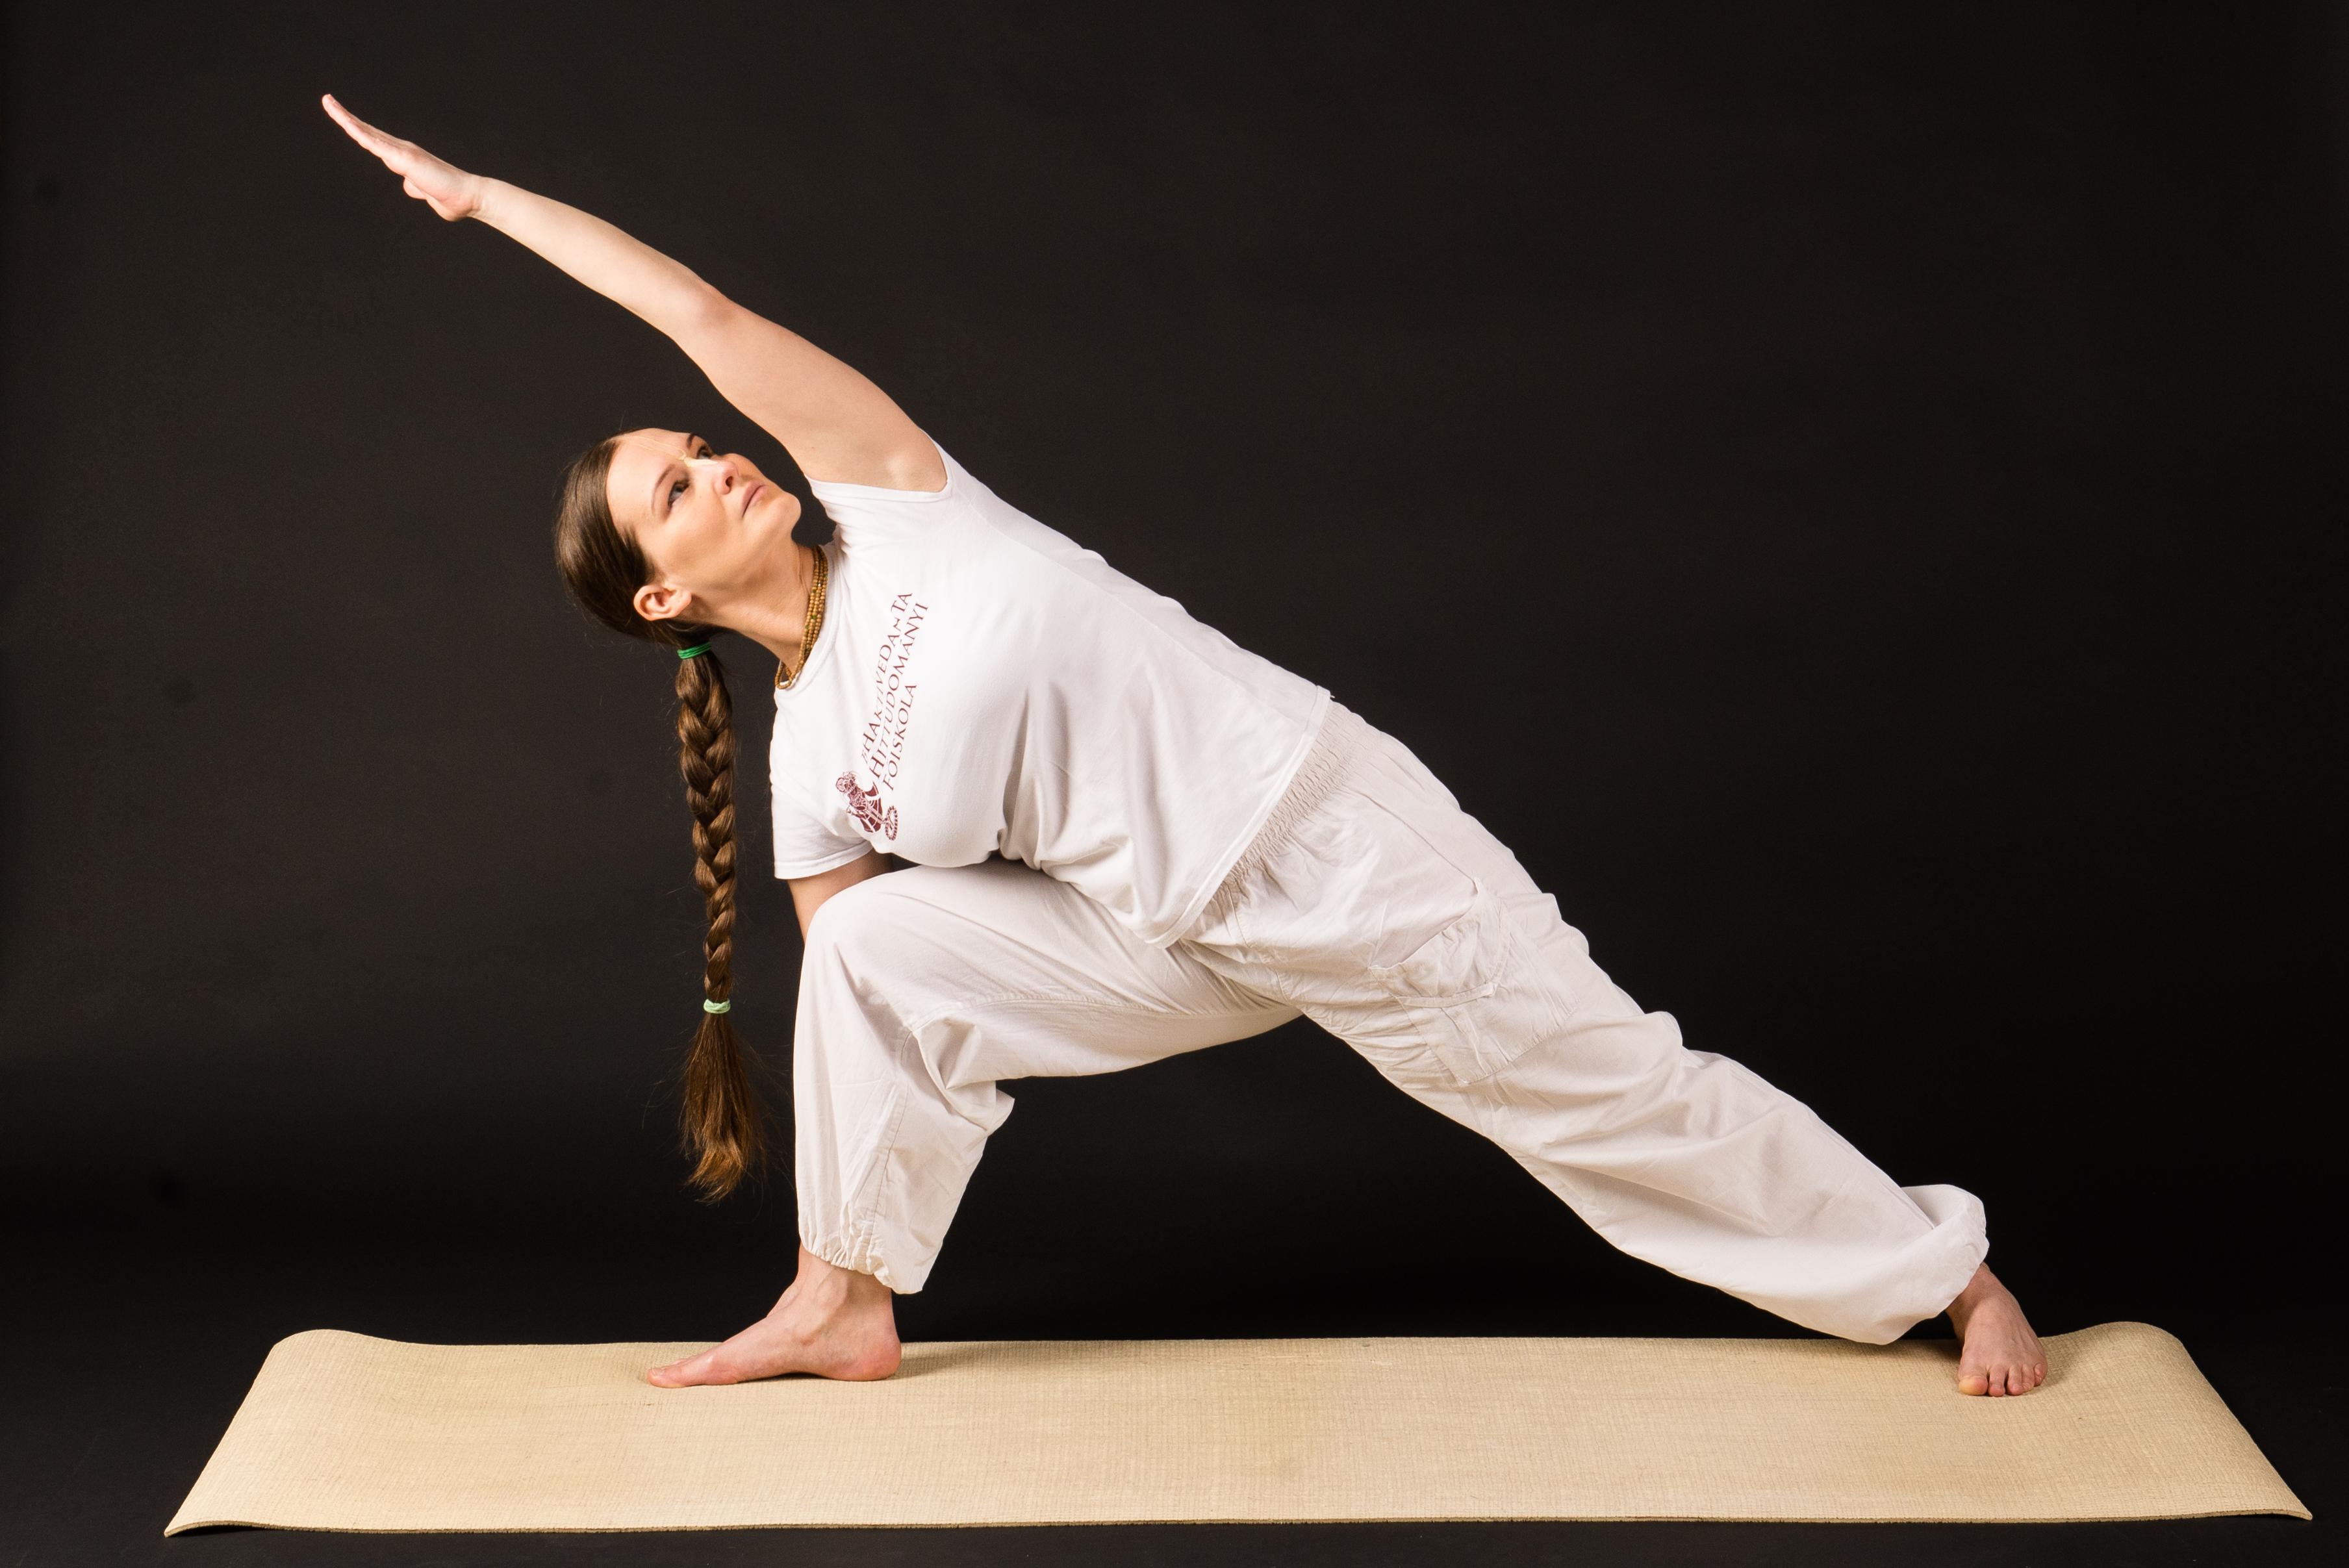 Retikütdke.hu - A jóga nemcsak relaxálásra jó: ezt próbáld ki, ha feszes feneket és lapos hasat akarsz